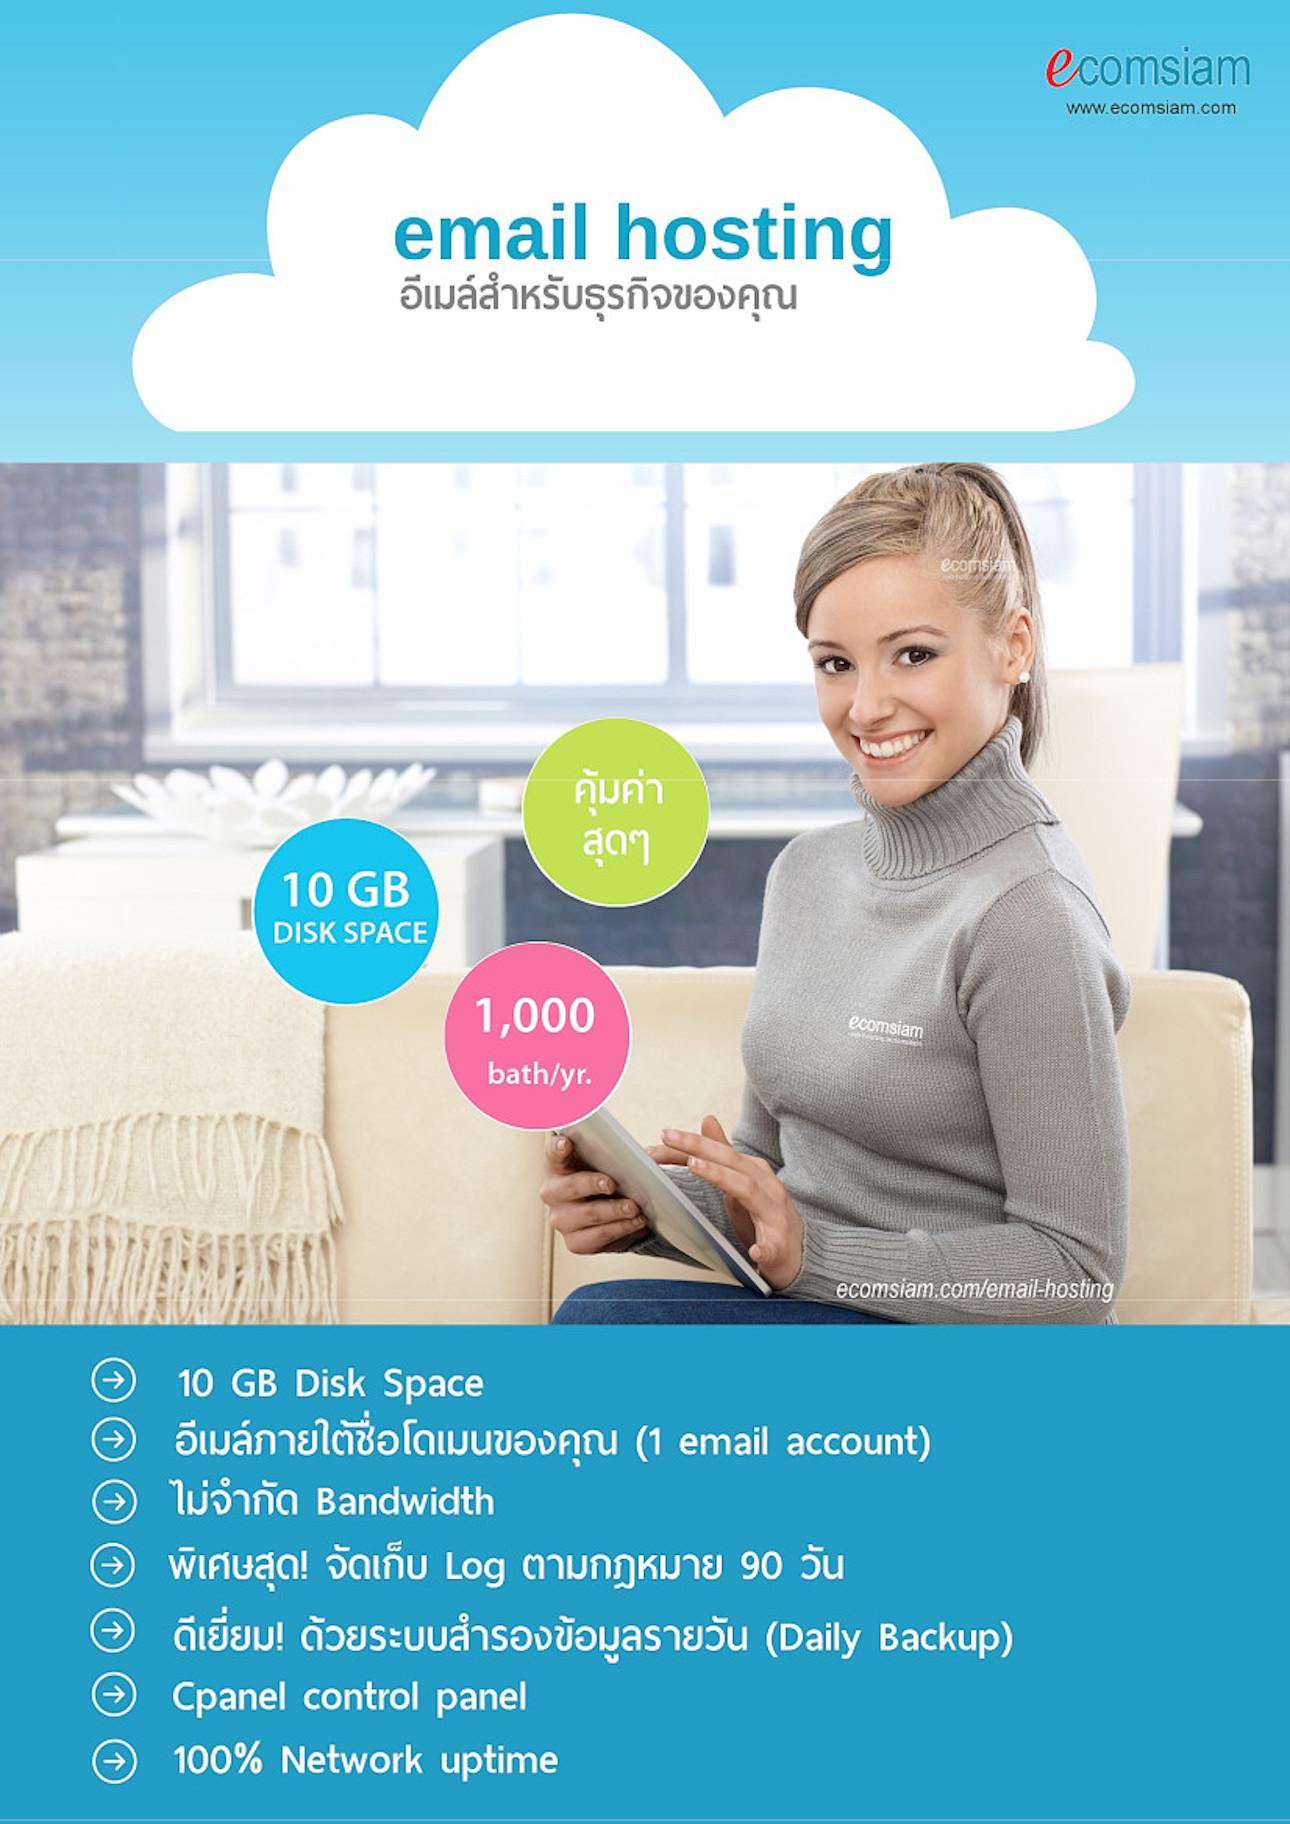 แนะนำ email hosting thailand (ประเทศไทย ) EMAIL HOSTING อีเมลระดับมืออาชีพสำหรับธุรกิจ ที่รองรับการใช้งานอย่างแท้จริง ใช้อีเมลที่กำหนดเอง (@yourcompany.com) ตั้งแต่ 1 อีเมล์ (Account) ขึ้นไป พร้อมทีมงานสนับสนุน กับพื้นที่เก็บข้อมูลเริ่มที่ 10 จนถึง 90 GB ตาม plan ที่ท่านใช้ และไม่จำกัดแบนด์วิด  หากคุณ่ต้องการใช้อีเมล์สำหรับองค์กร อย่างมีประสิทธิภาพสูงสุดแล้ว Email hosting เป็นเพียงสิ่งที่คุณต้องการ! ระบบควบคุมจัดการอีเมล์ที่ง่าย สะดวกด้วย cPanel Control Panel ฟรี SSL นอกจากนี้เว็บโฮสติ้ง (web hosting) ของเรา ยังมีความพร้อมของระบบ ป้องกัน virus จากอีเมล์ และกรองเมล์ขยะ (spam mail filter) พิเศษสุด! จัดเก็บ Log ตามกฏหมาย 90 วัน ยอดเยี่ยมด้วยการสำรองข้อมูลโดย Backup ข้อมูล Email hosting แบบรายวัน หรือ Daily backup รับจดโดเมน .co.th .ac.th 800 บ./ปี จดโดเมน .com 490 บ./ปี